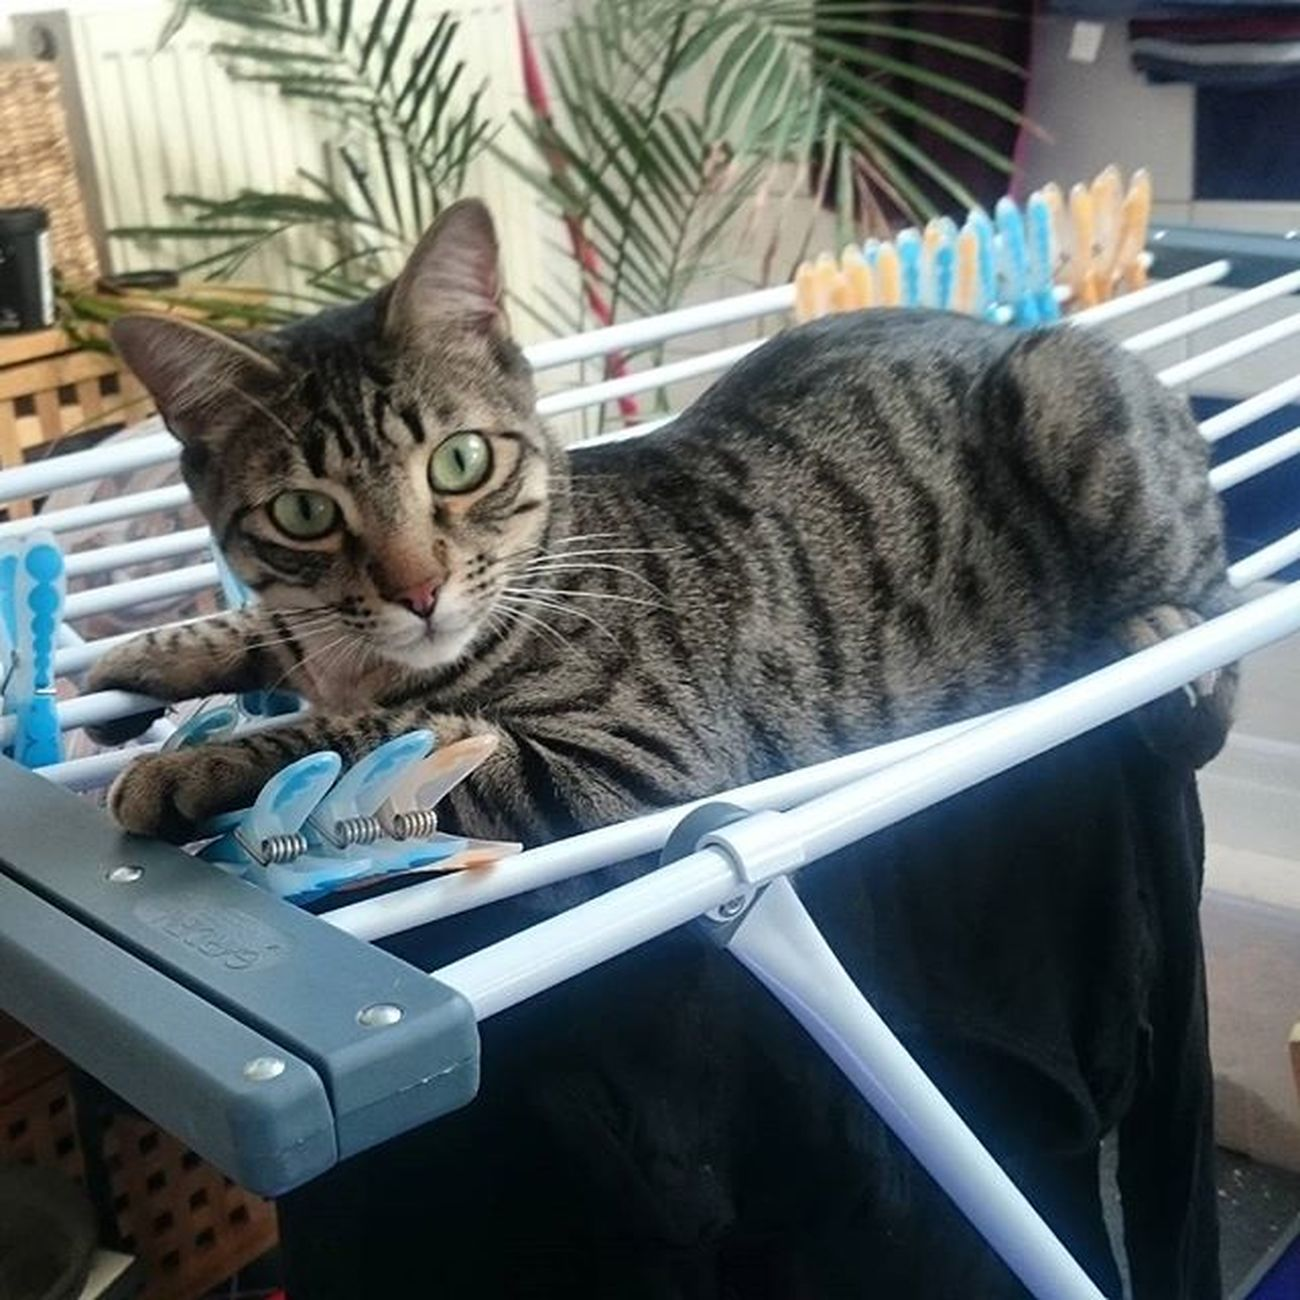 Machen eure das auch? Und was ist eigentlich das Maximalgewicht, das so ein Wäscheständer aushält? 😸 Rayado_the_cat Bengalmix Catspamforever Catlaundry Katzenwäsche